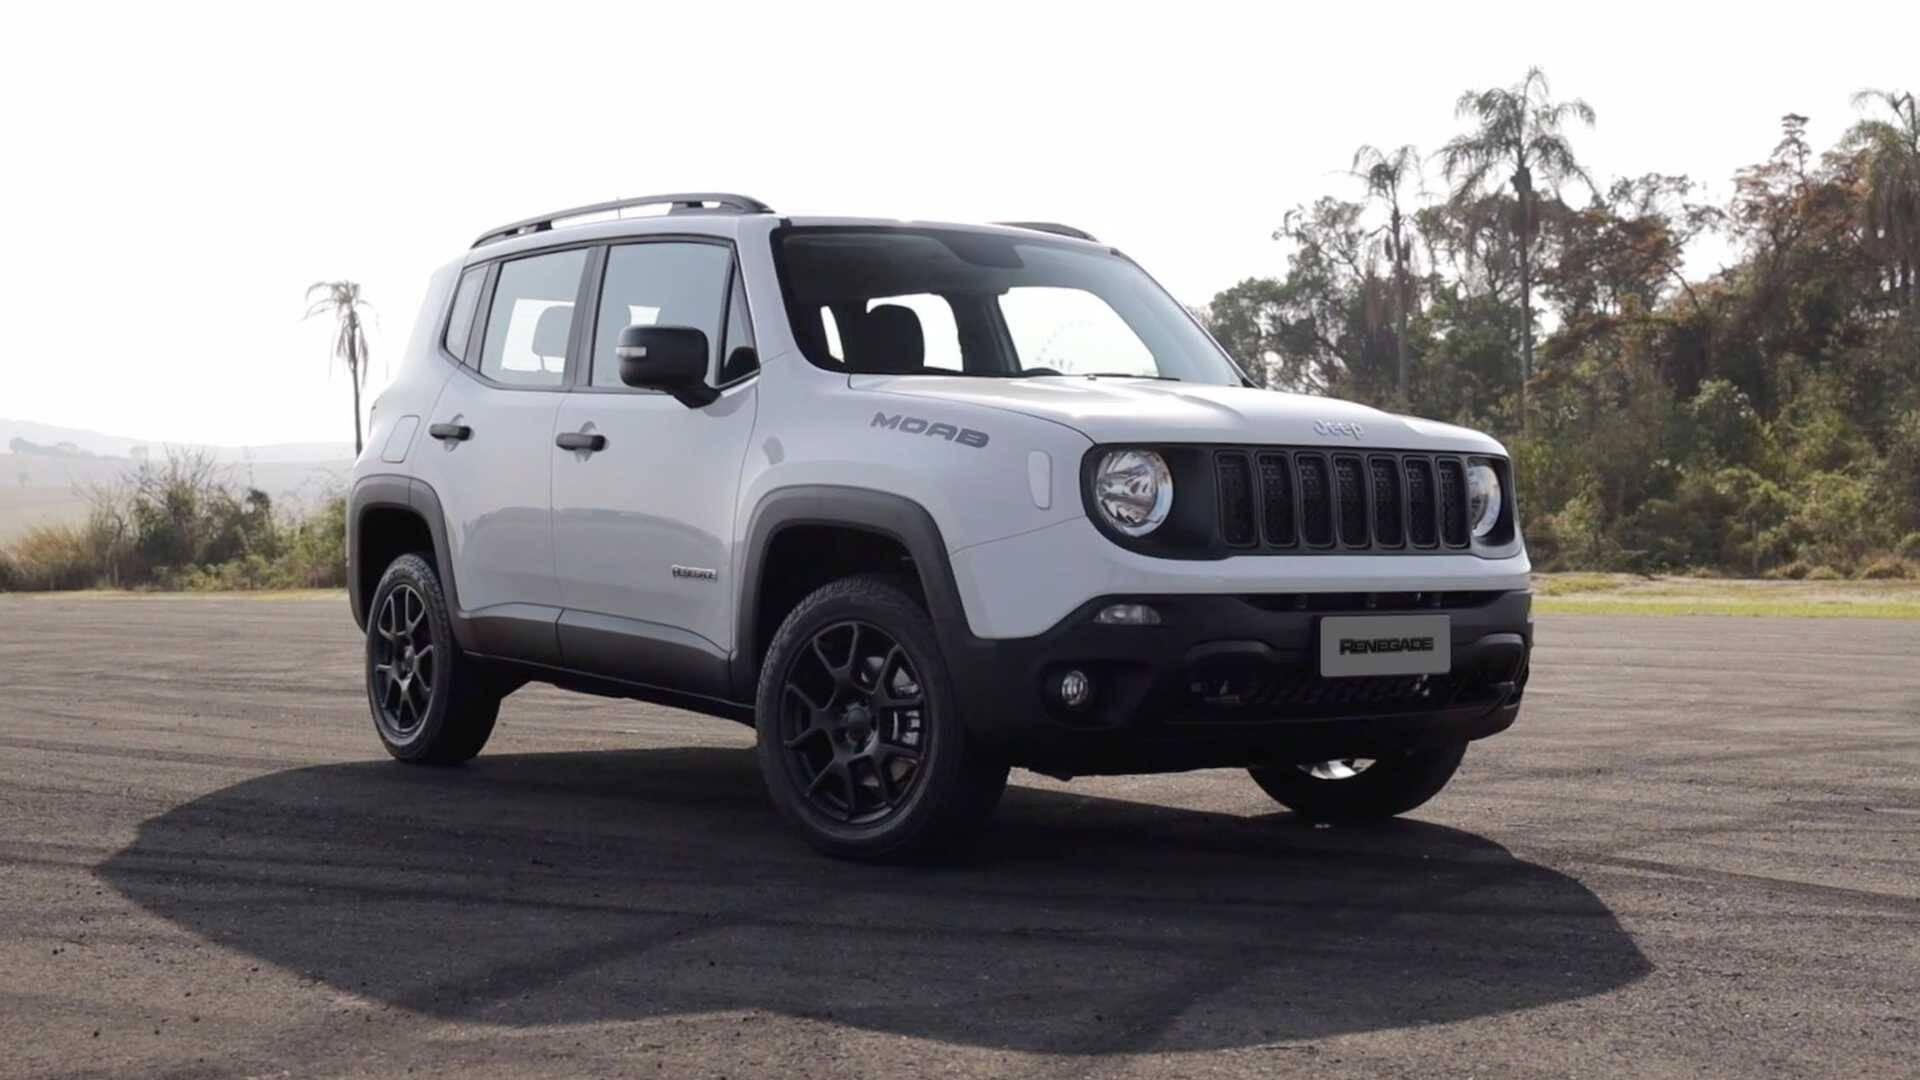 Jeep Renegade Moab 2021. Foto: Divulgação